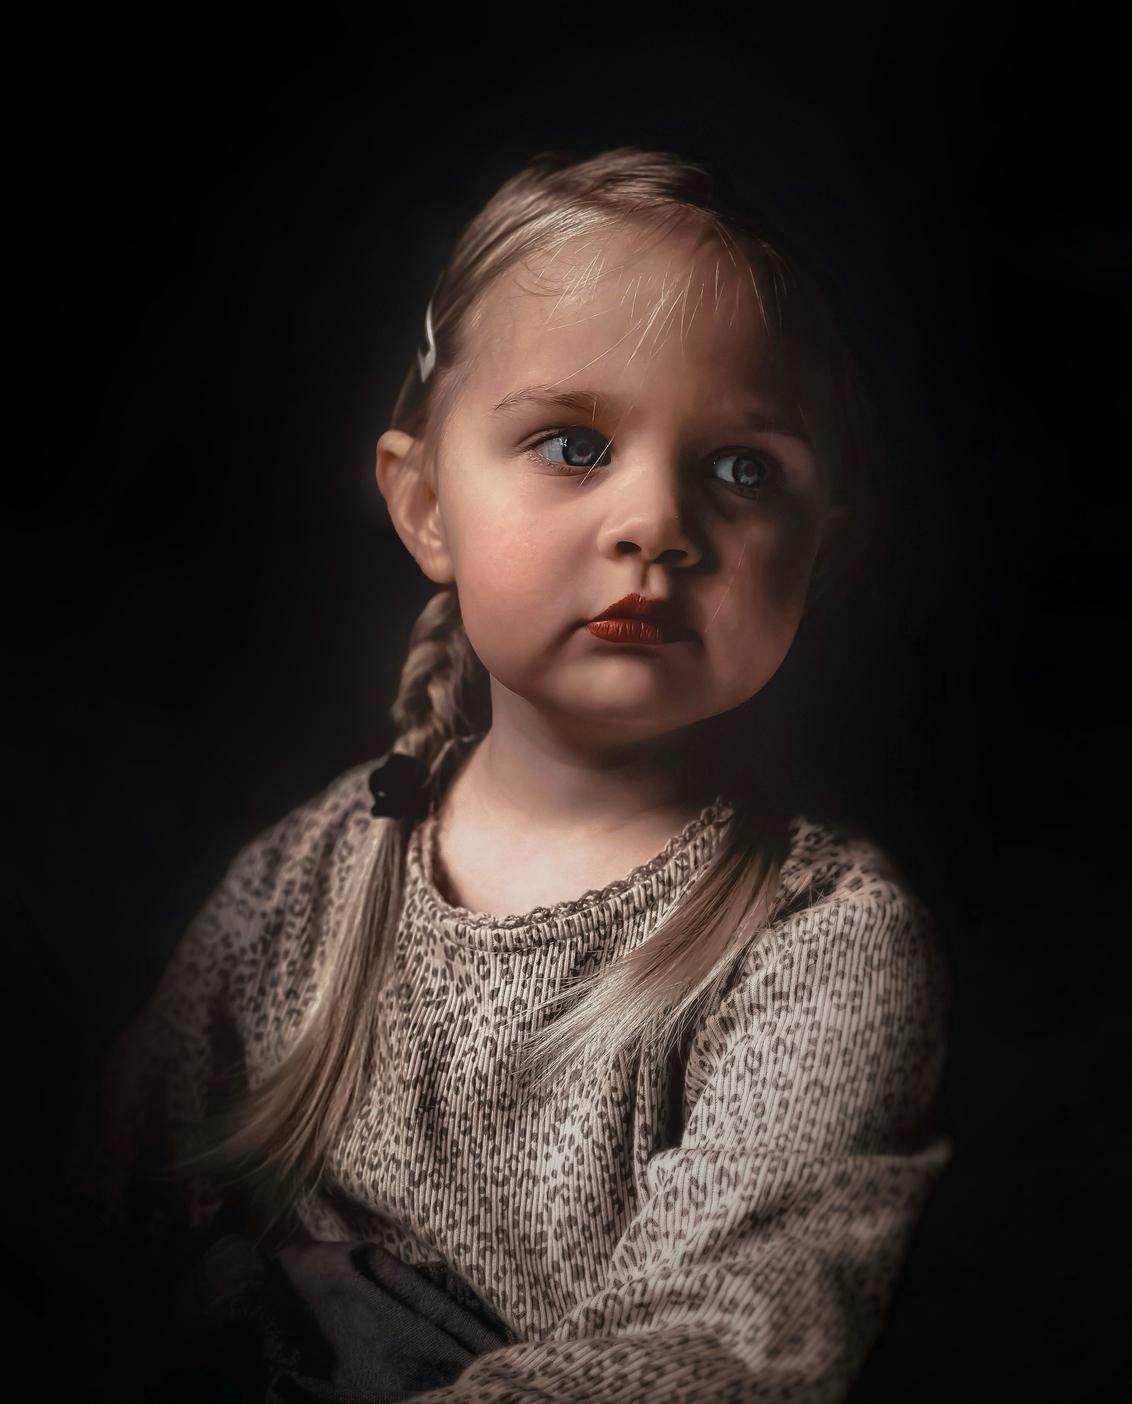 Vlechtjes - - - foto door Ogenblikfoto op 09-03-2021 - deze foto bevat: kleur, licht, portret, schaduw, daglicht, kind, kinderen, ogen, haar, meisje, lief, emotie, blond, vlechtjes, fineart